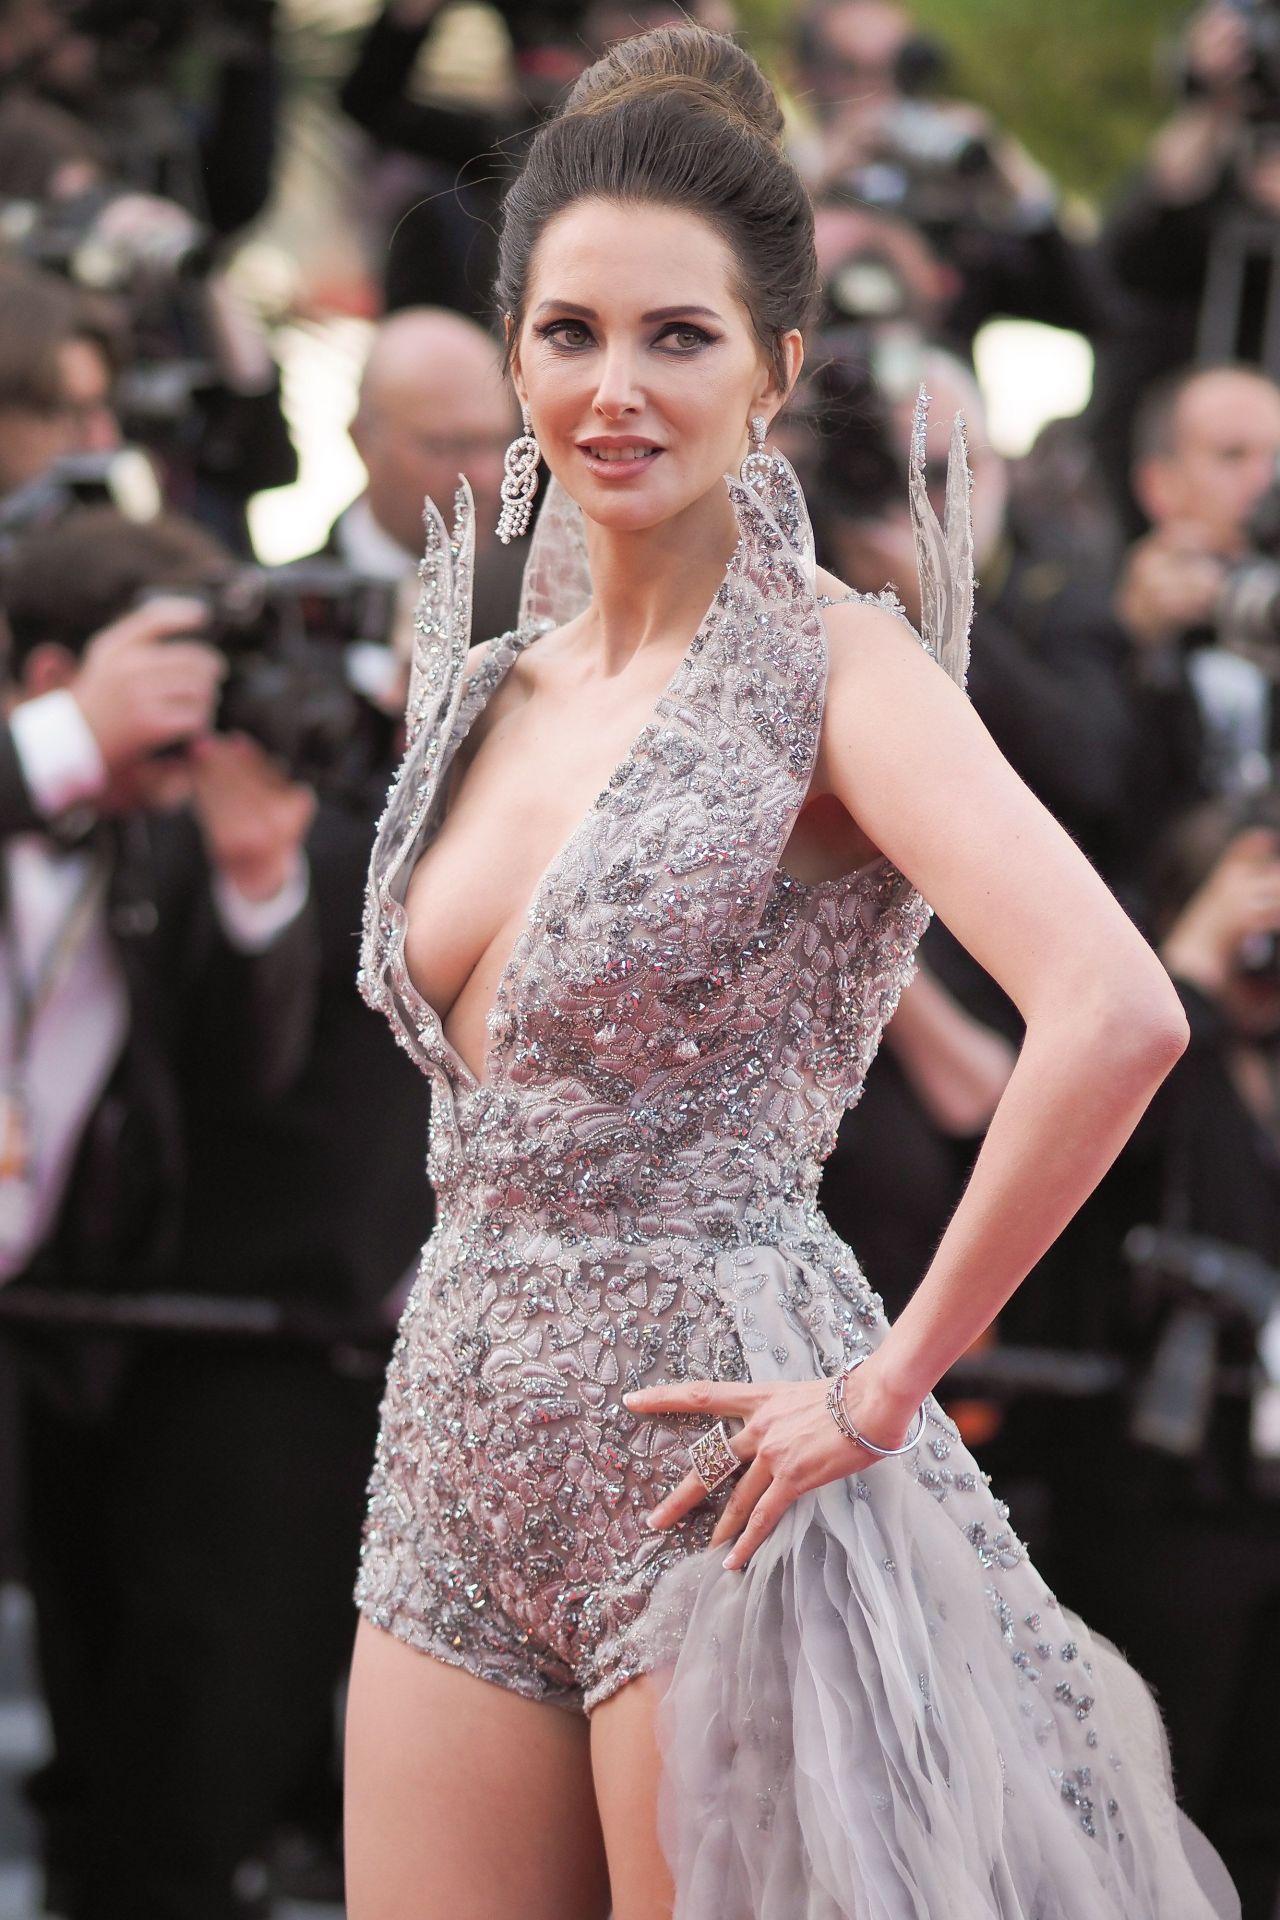 Frederique Bel - Rocketman Red Carpet at Cannes Film